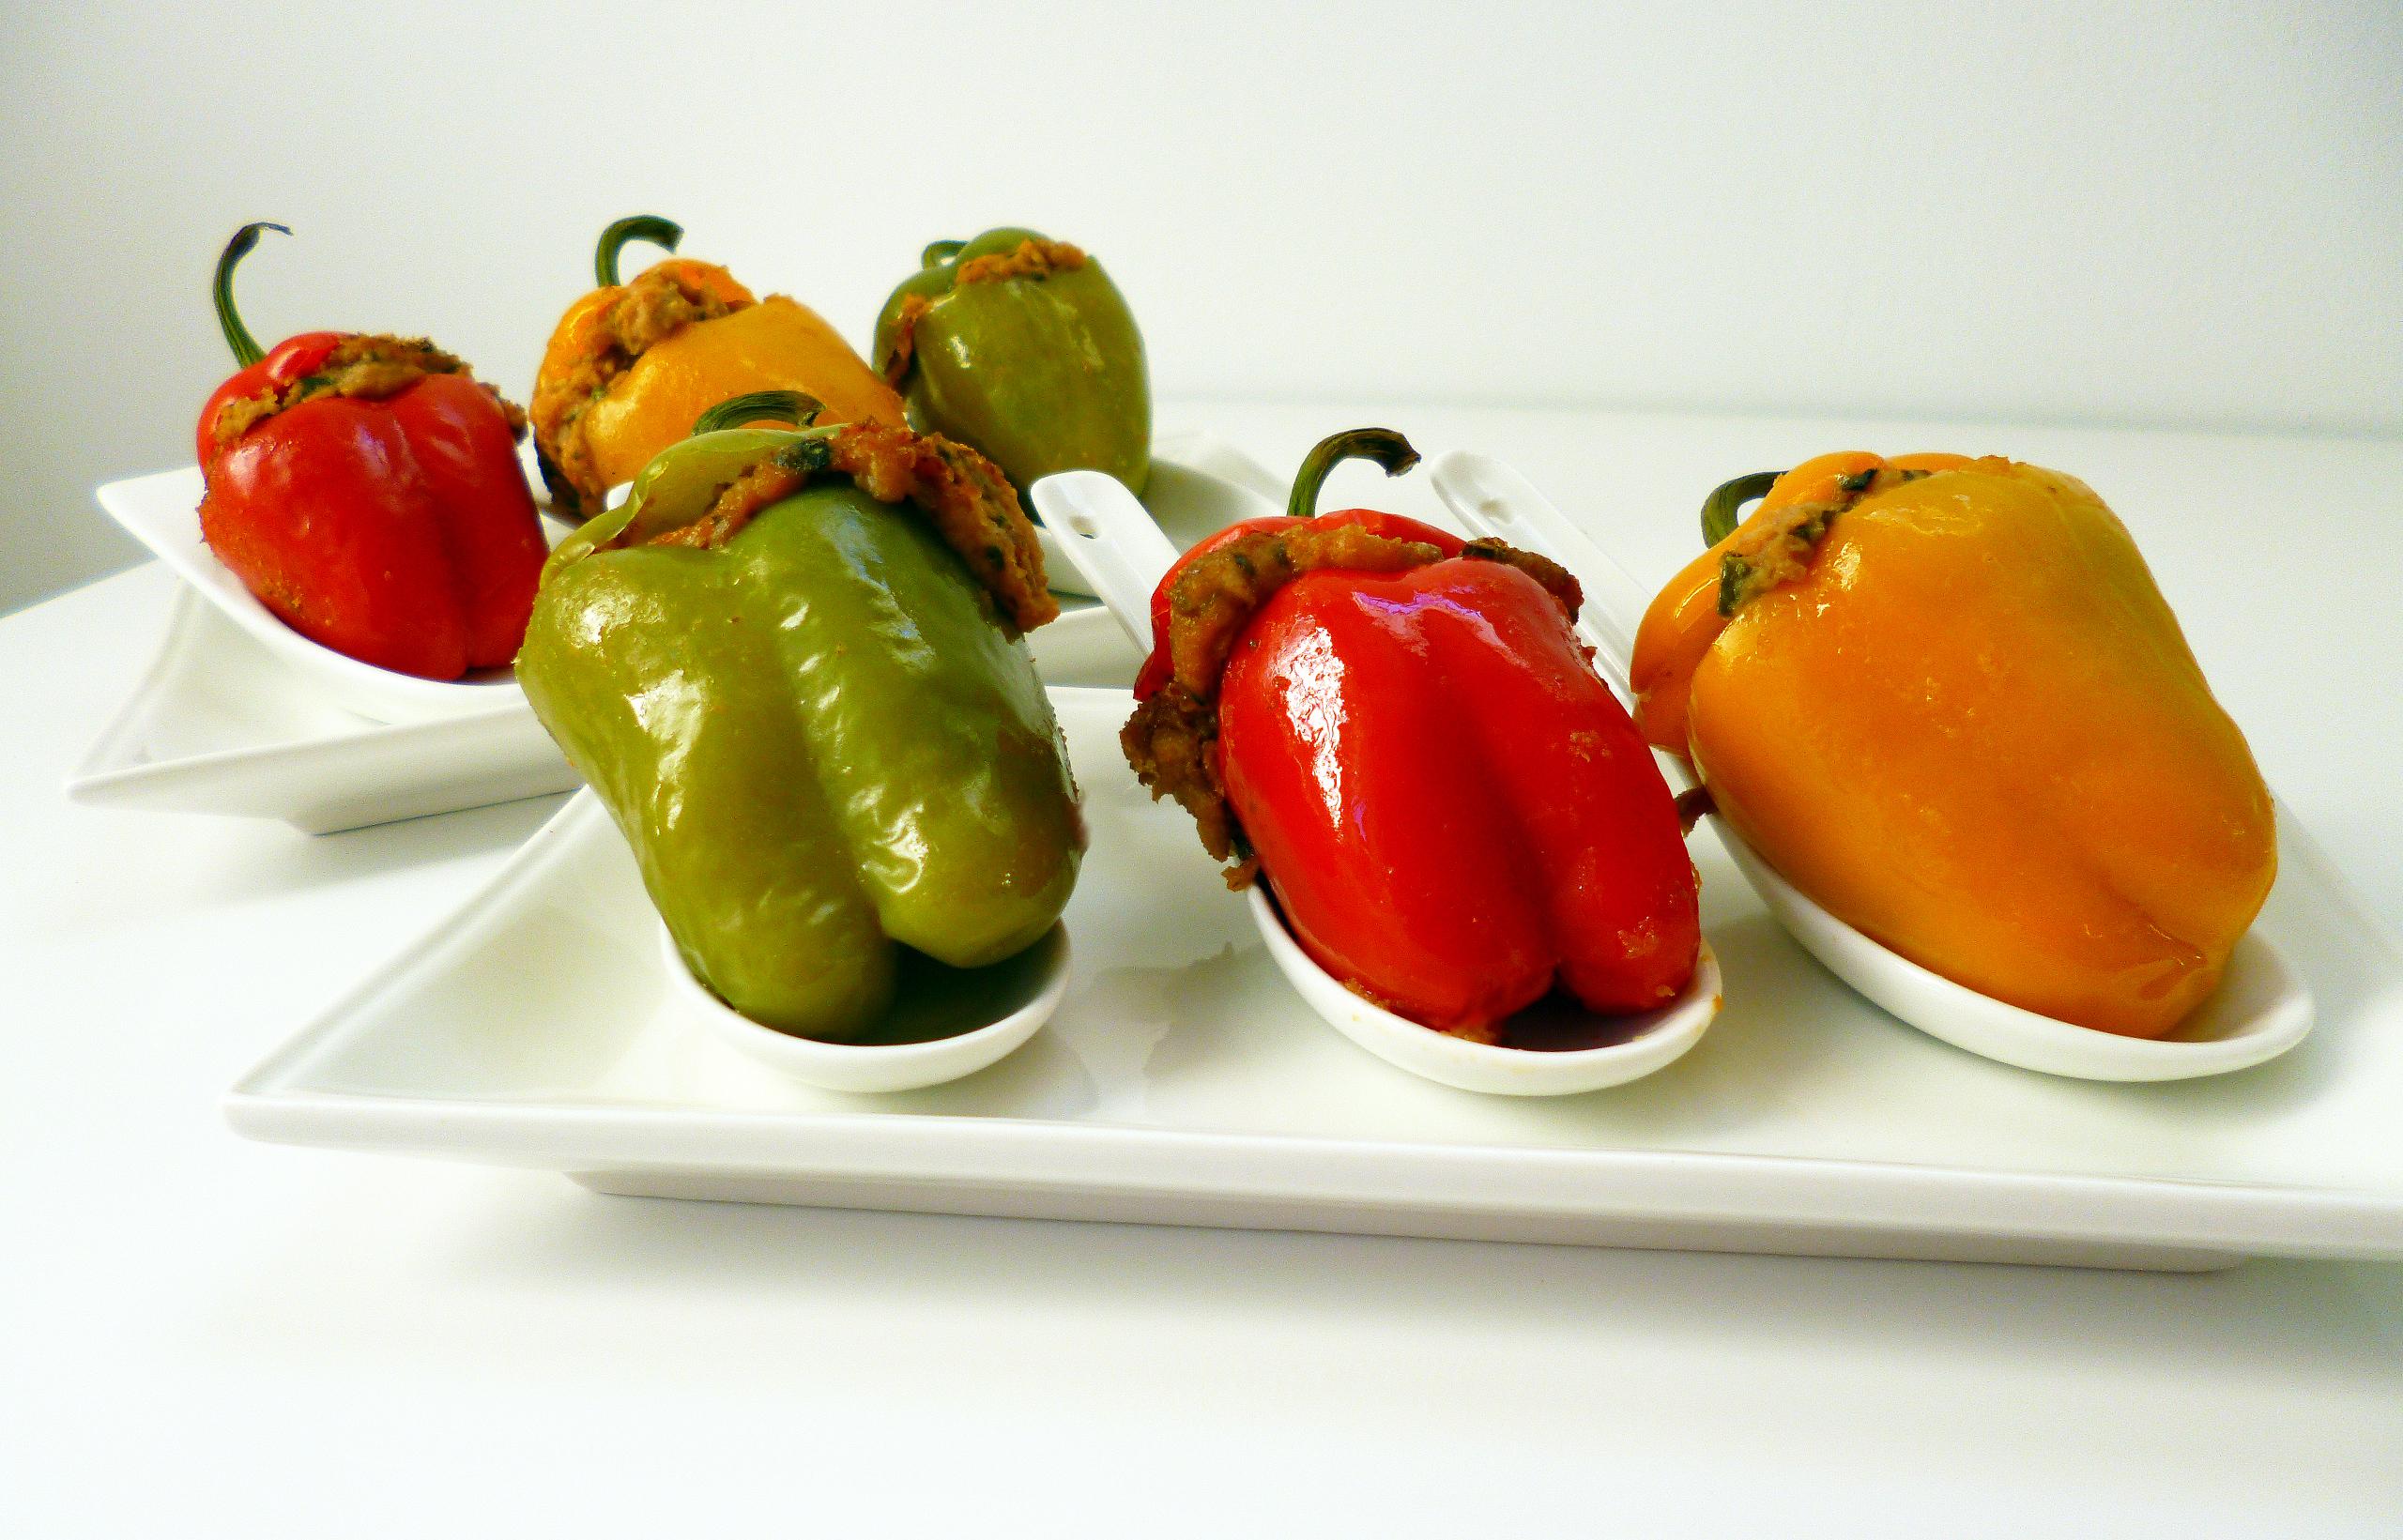 Mini poivrons farcis la recette facile par toqu s 2 cuisine - Cuisiner des poivrons ...